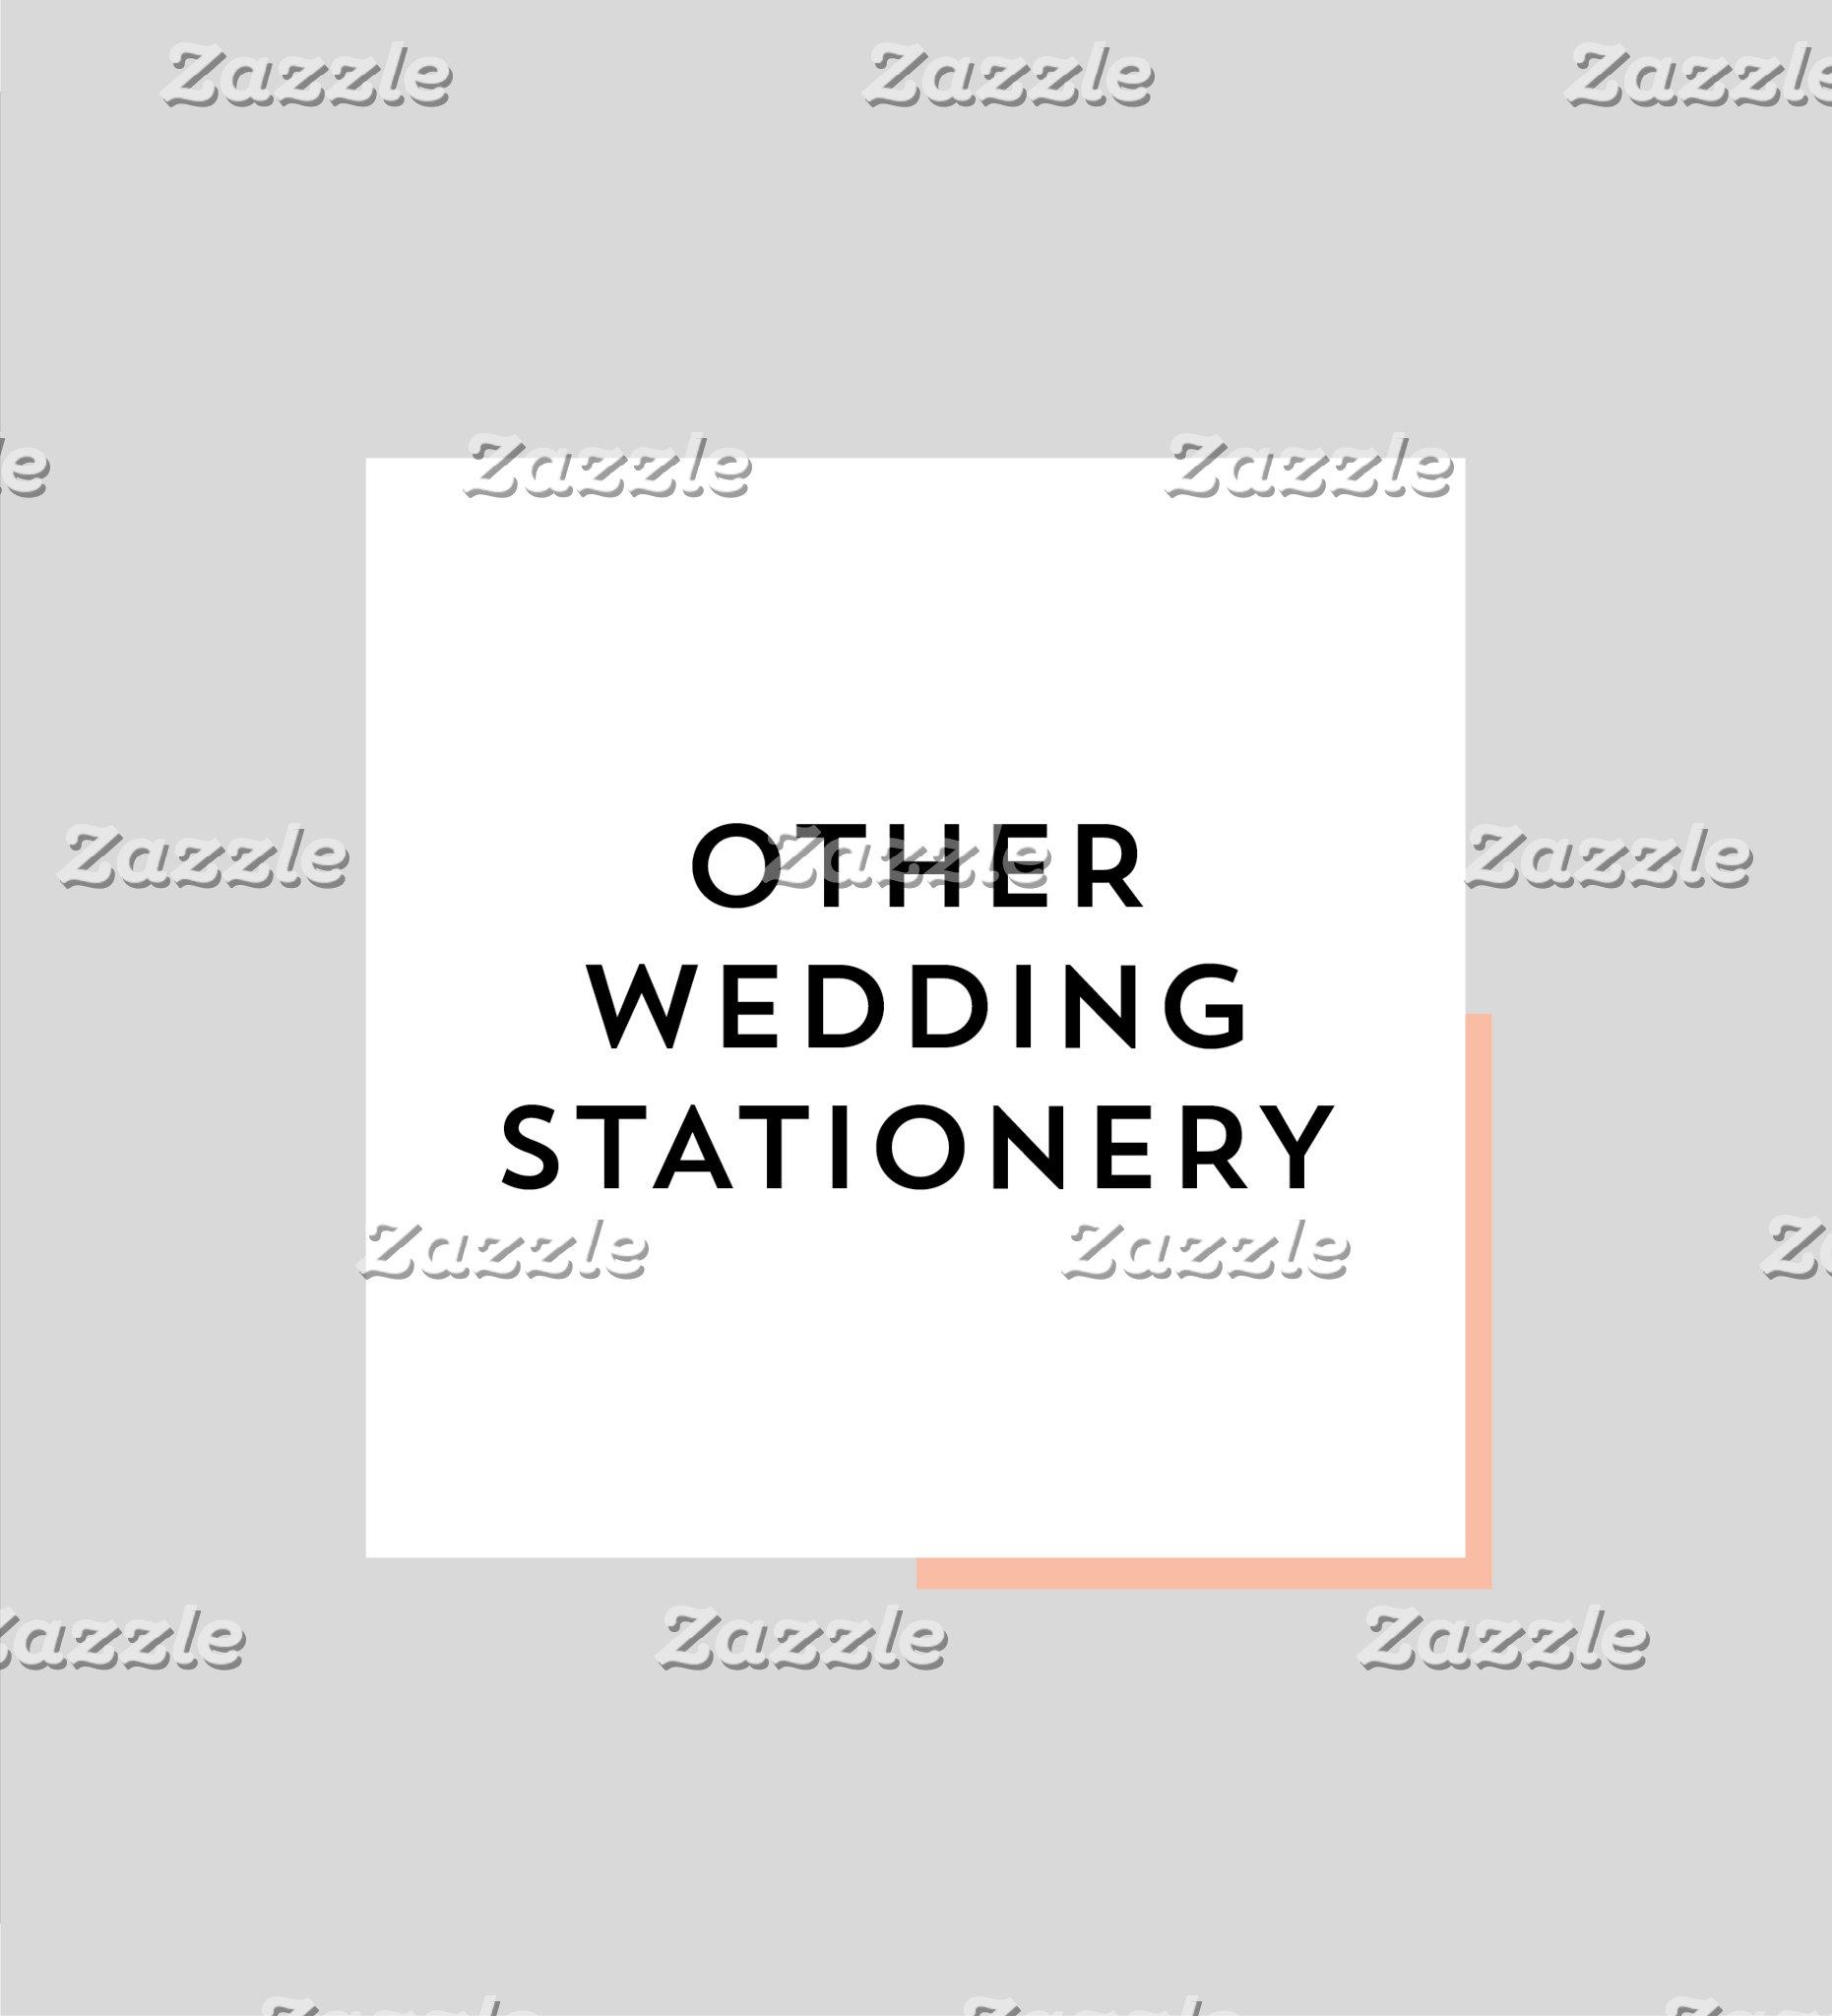 Other Wedding Stationery